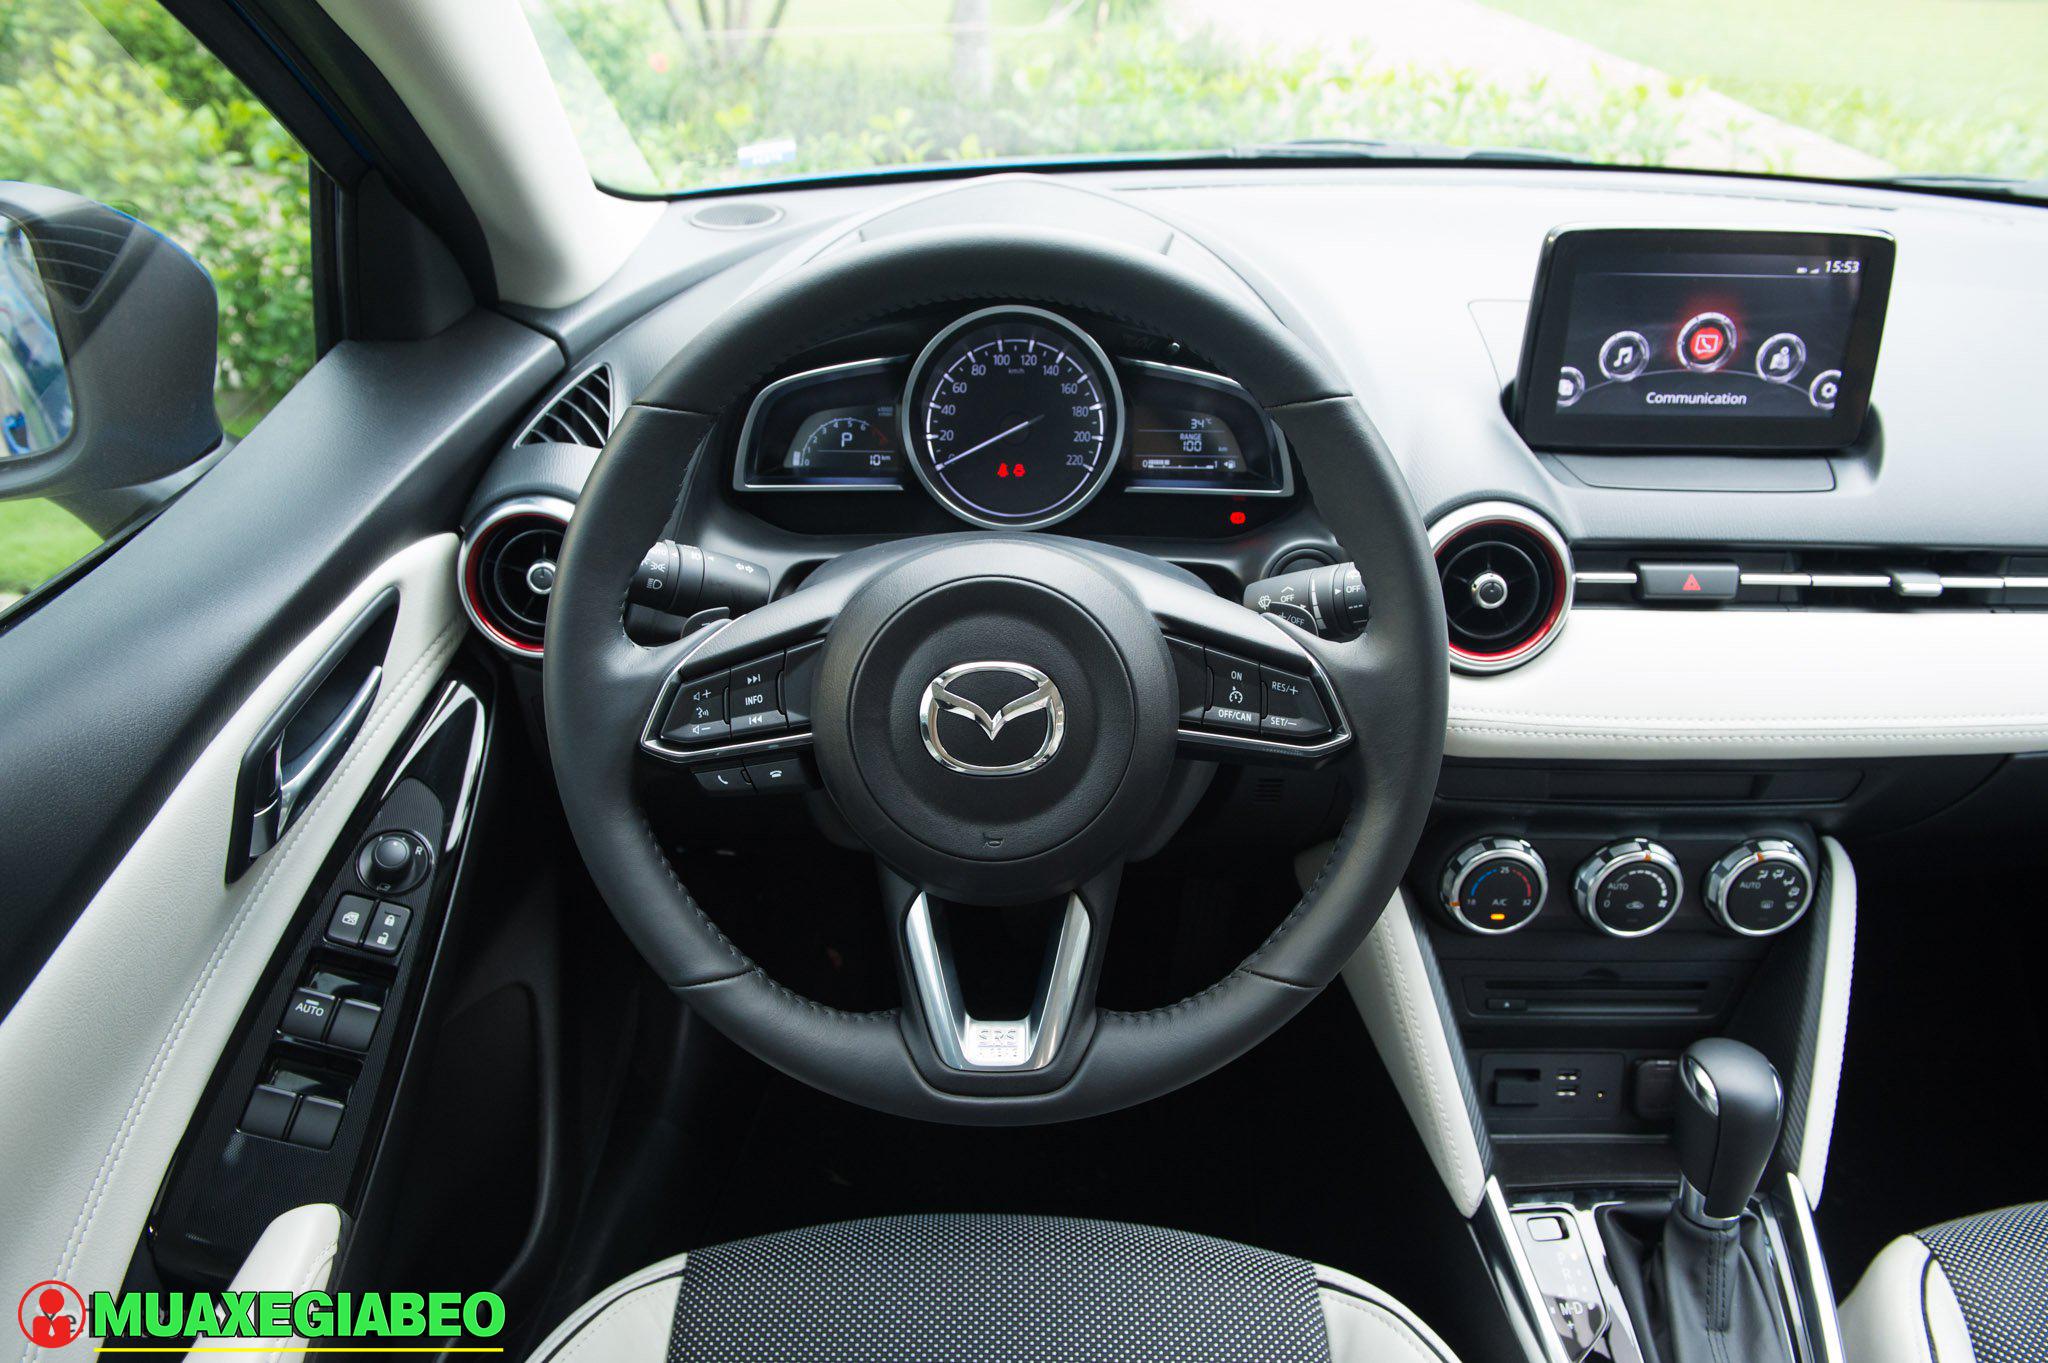 Xe Mazda 2 anh 8 - Mazda 2 [hienthinam]: thông số, giá xe & khuyến mãi tháng [hienthithang]